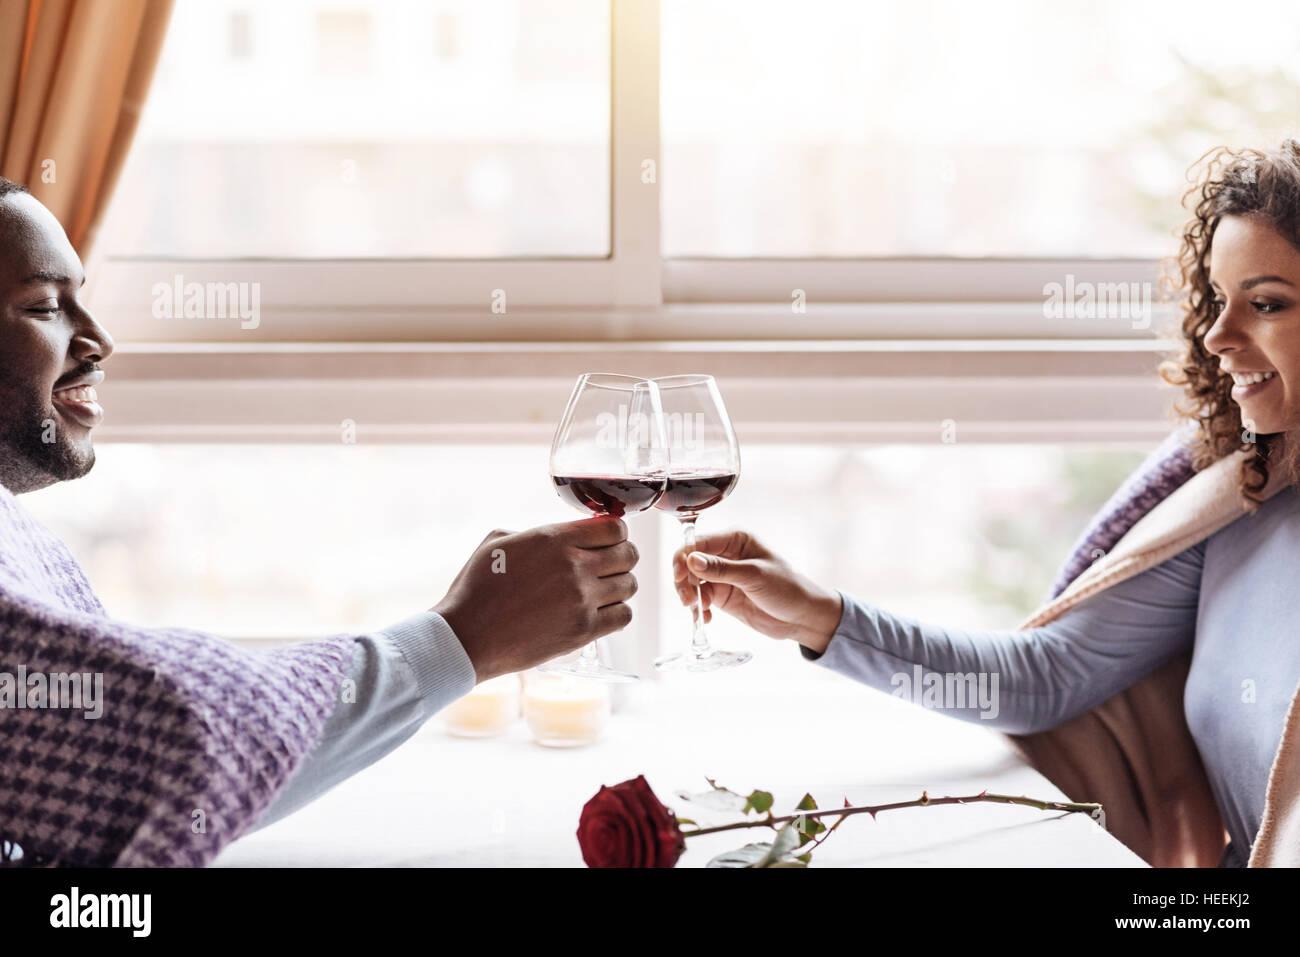 Afrikanische amerikanische Brautpaar trinken Wein im restaurant Stockbild